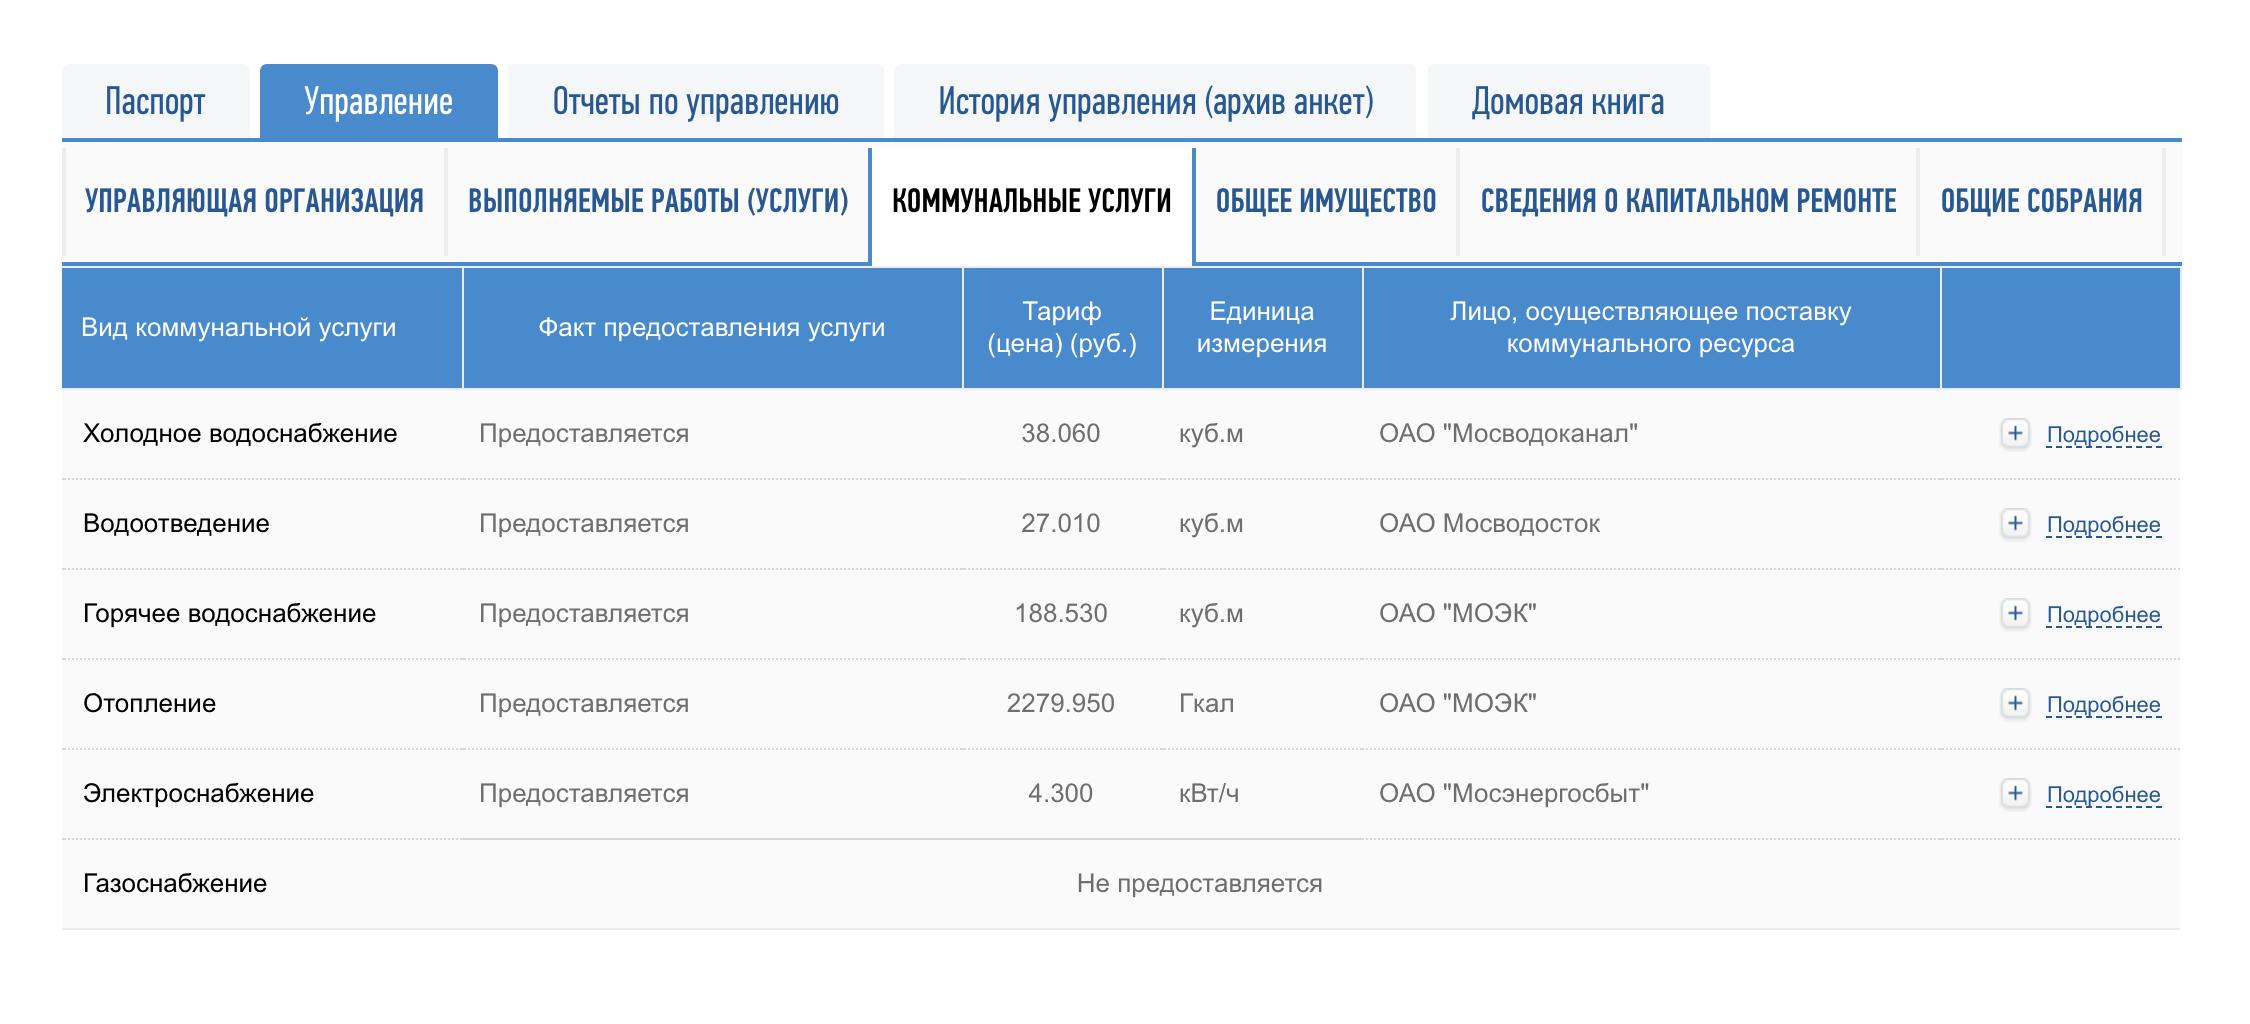 Тут же можно посмотреть список поставщиков услуг, кому УК перечисляет платежи, и тарифы на эти услуги